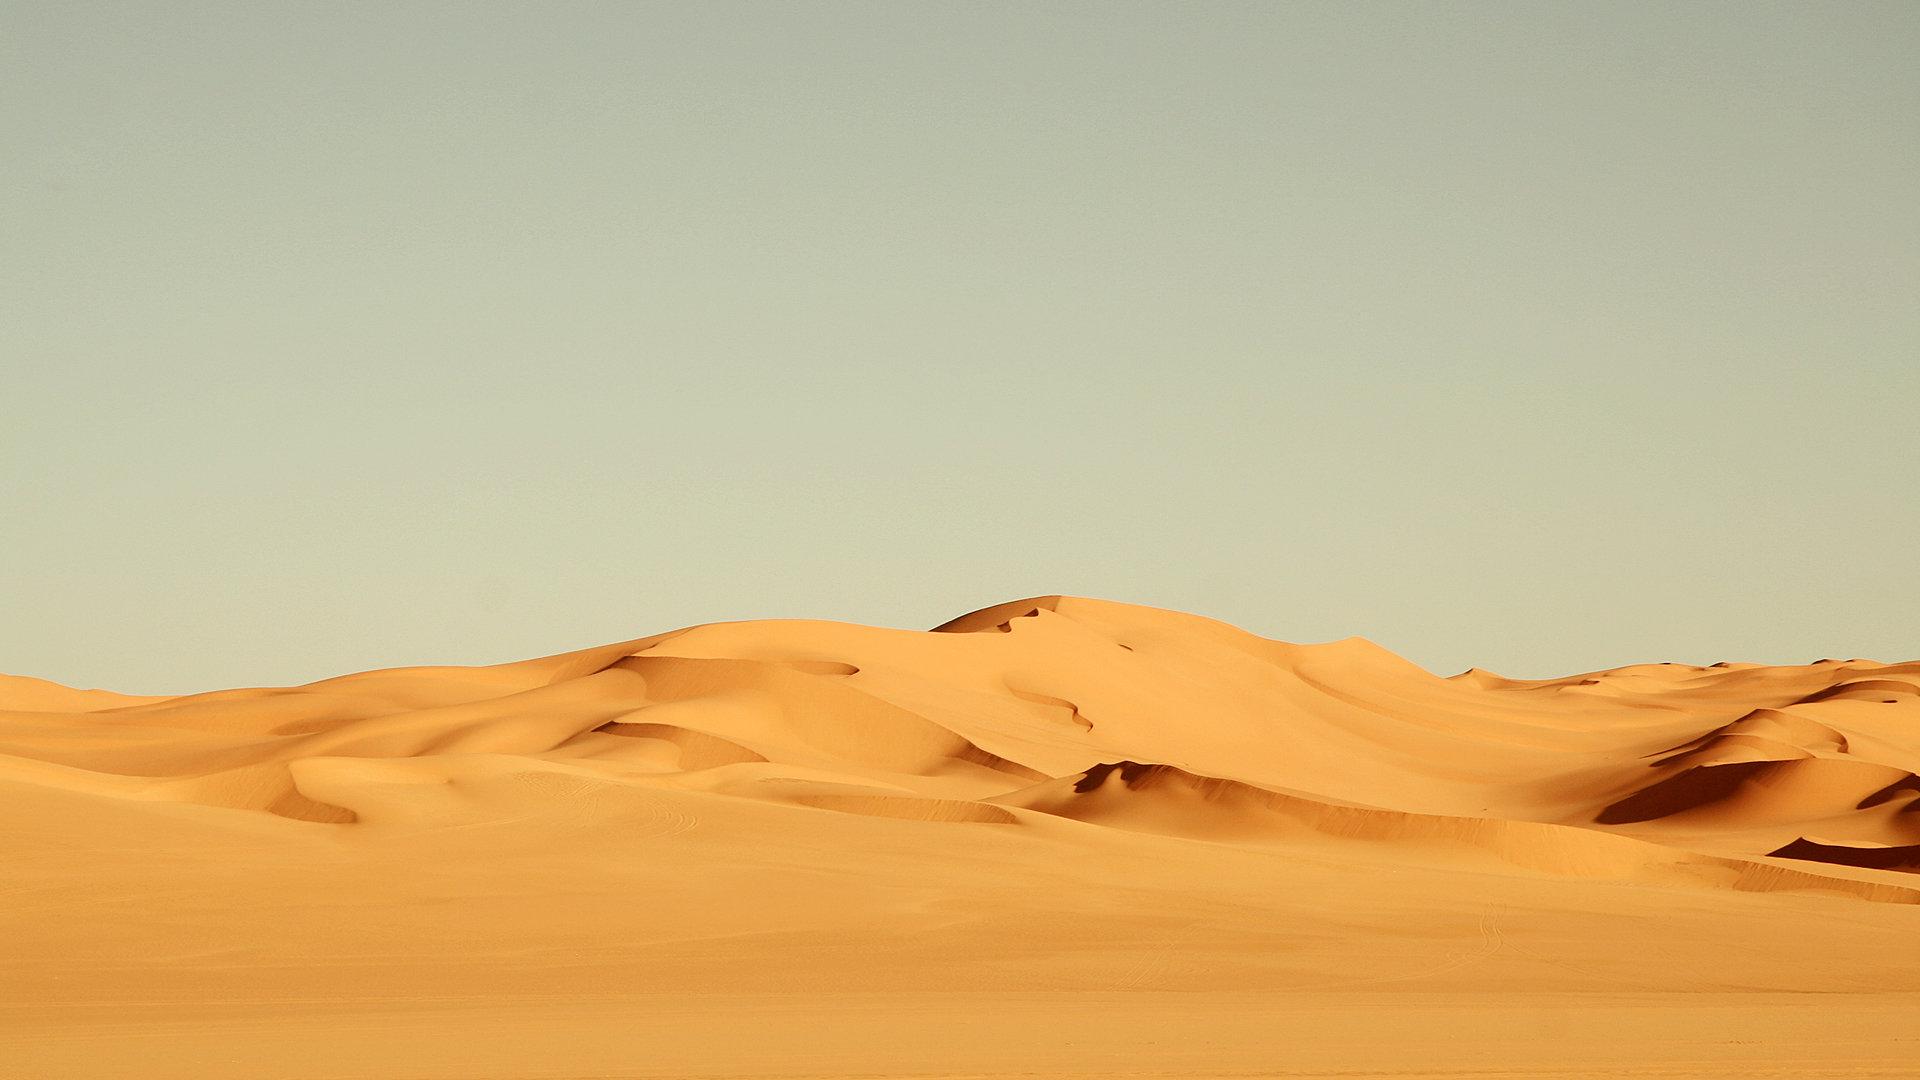 High Resolution Desert Hd 1080p Wallpaper Id 225712 For Computer